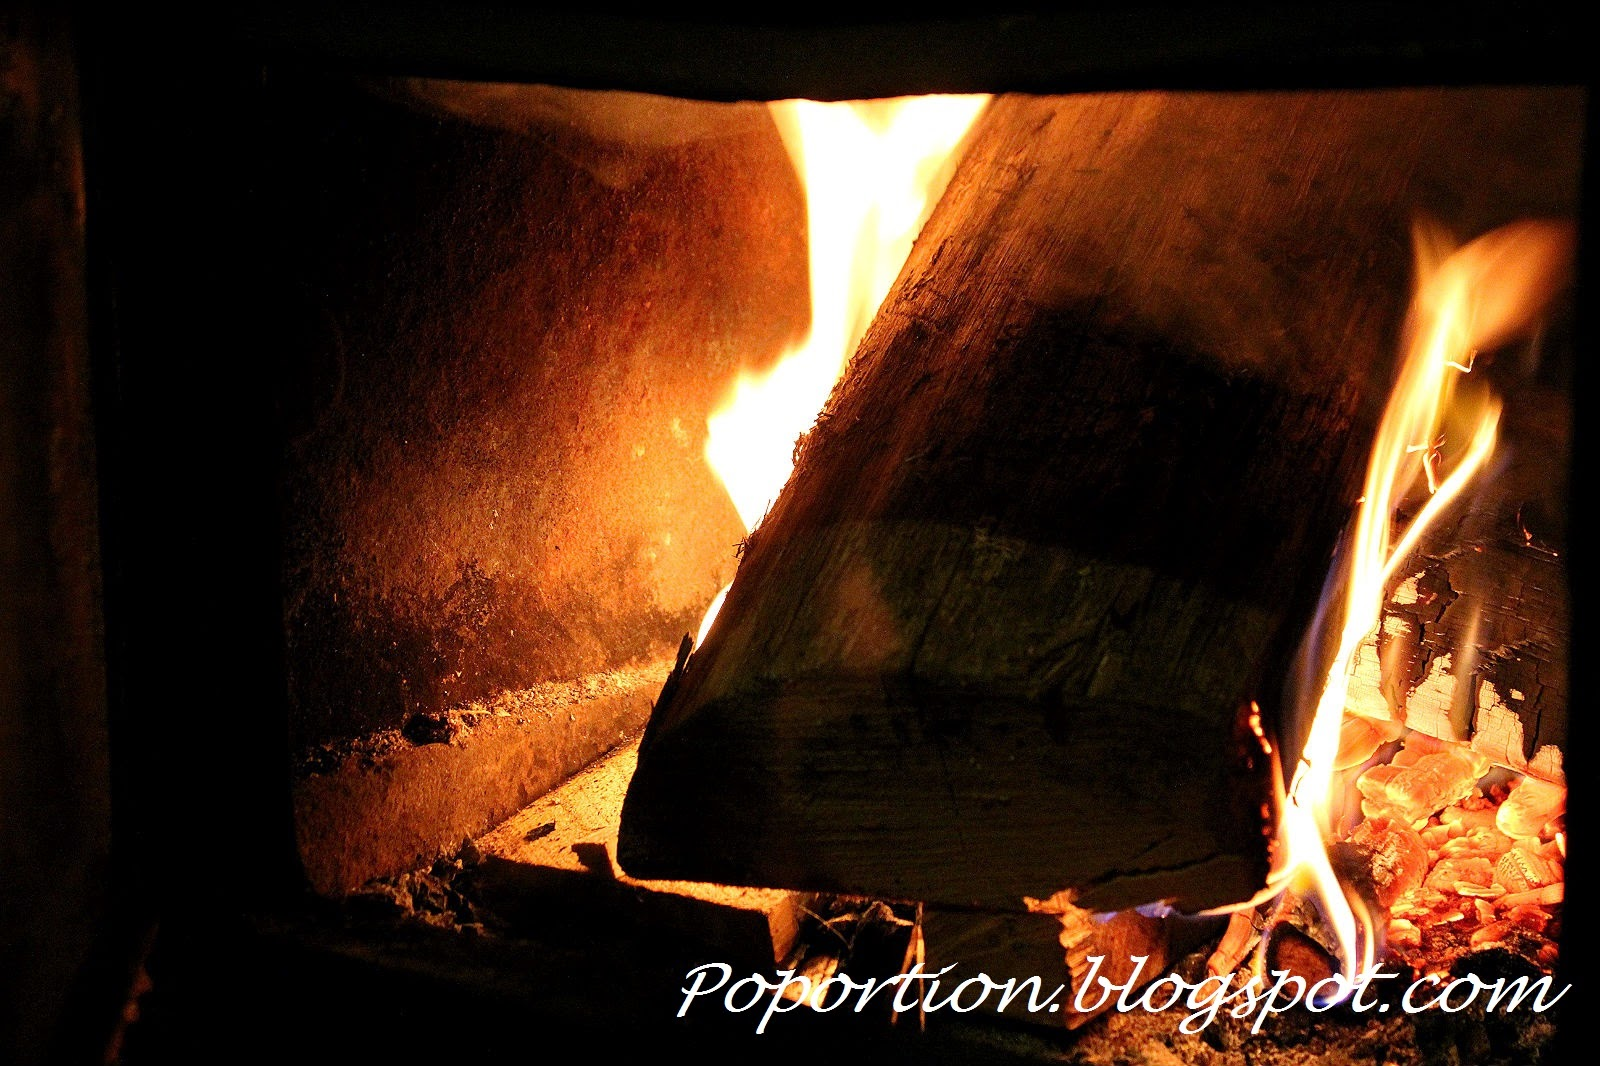 Furnace burning wood